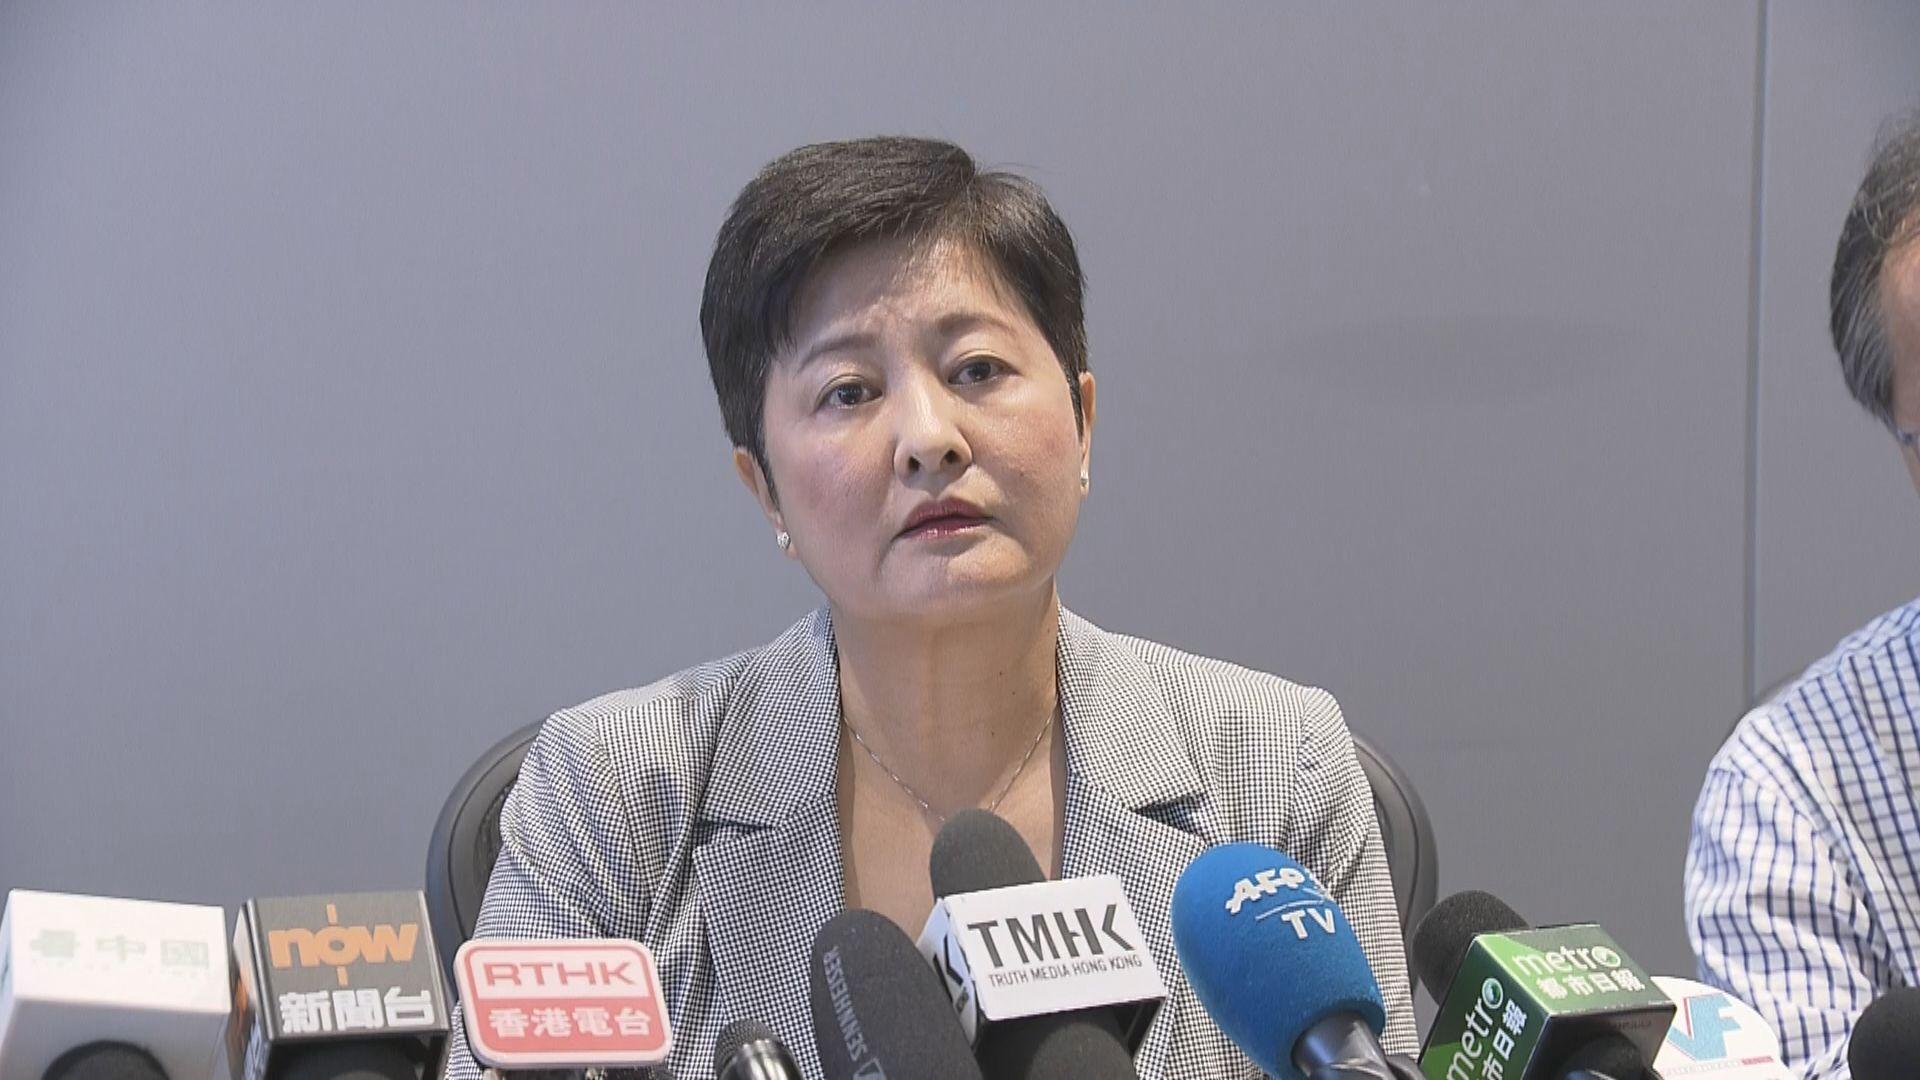 黃碧雲:推行緊急法會摧毀香港國際形象